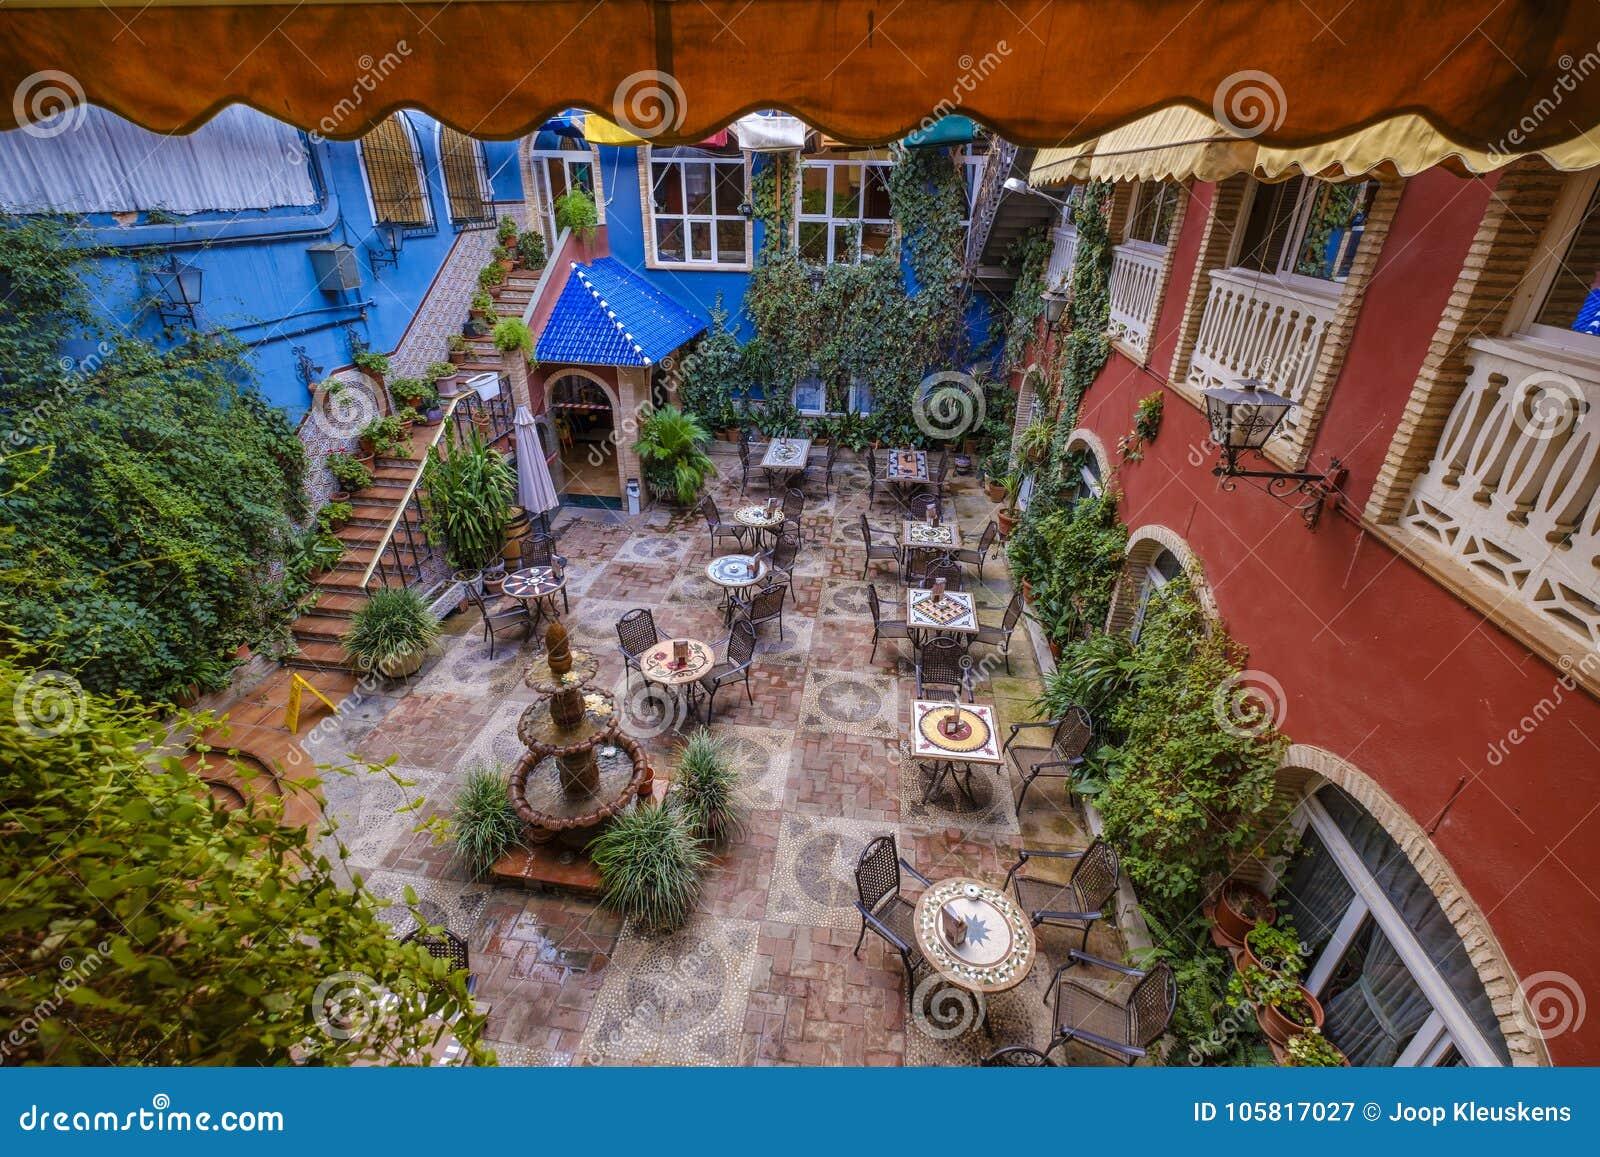 Jardín Del Patio Con La Terraza Llena De Decoración Imagen